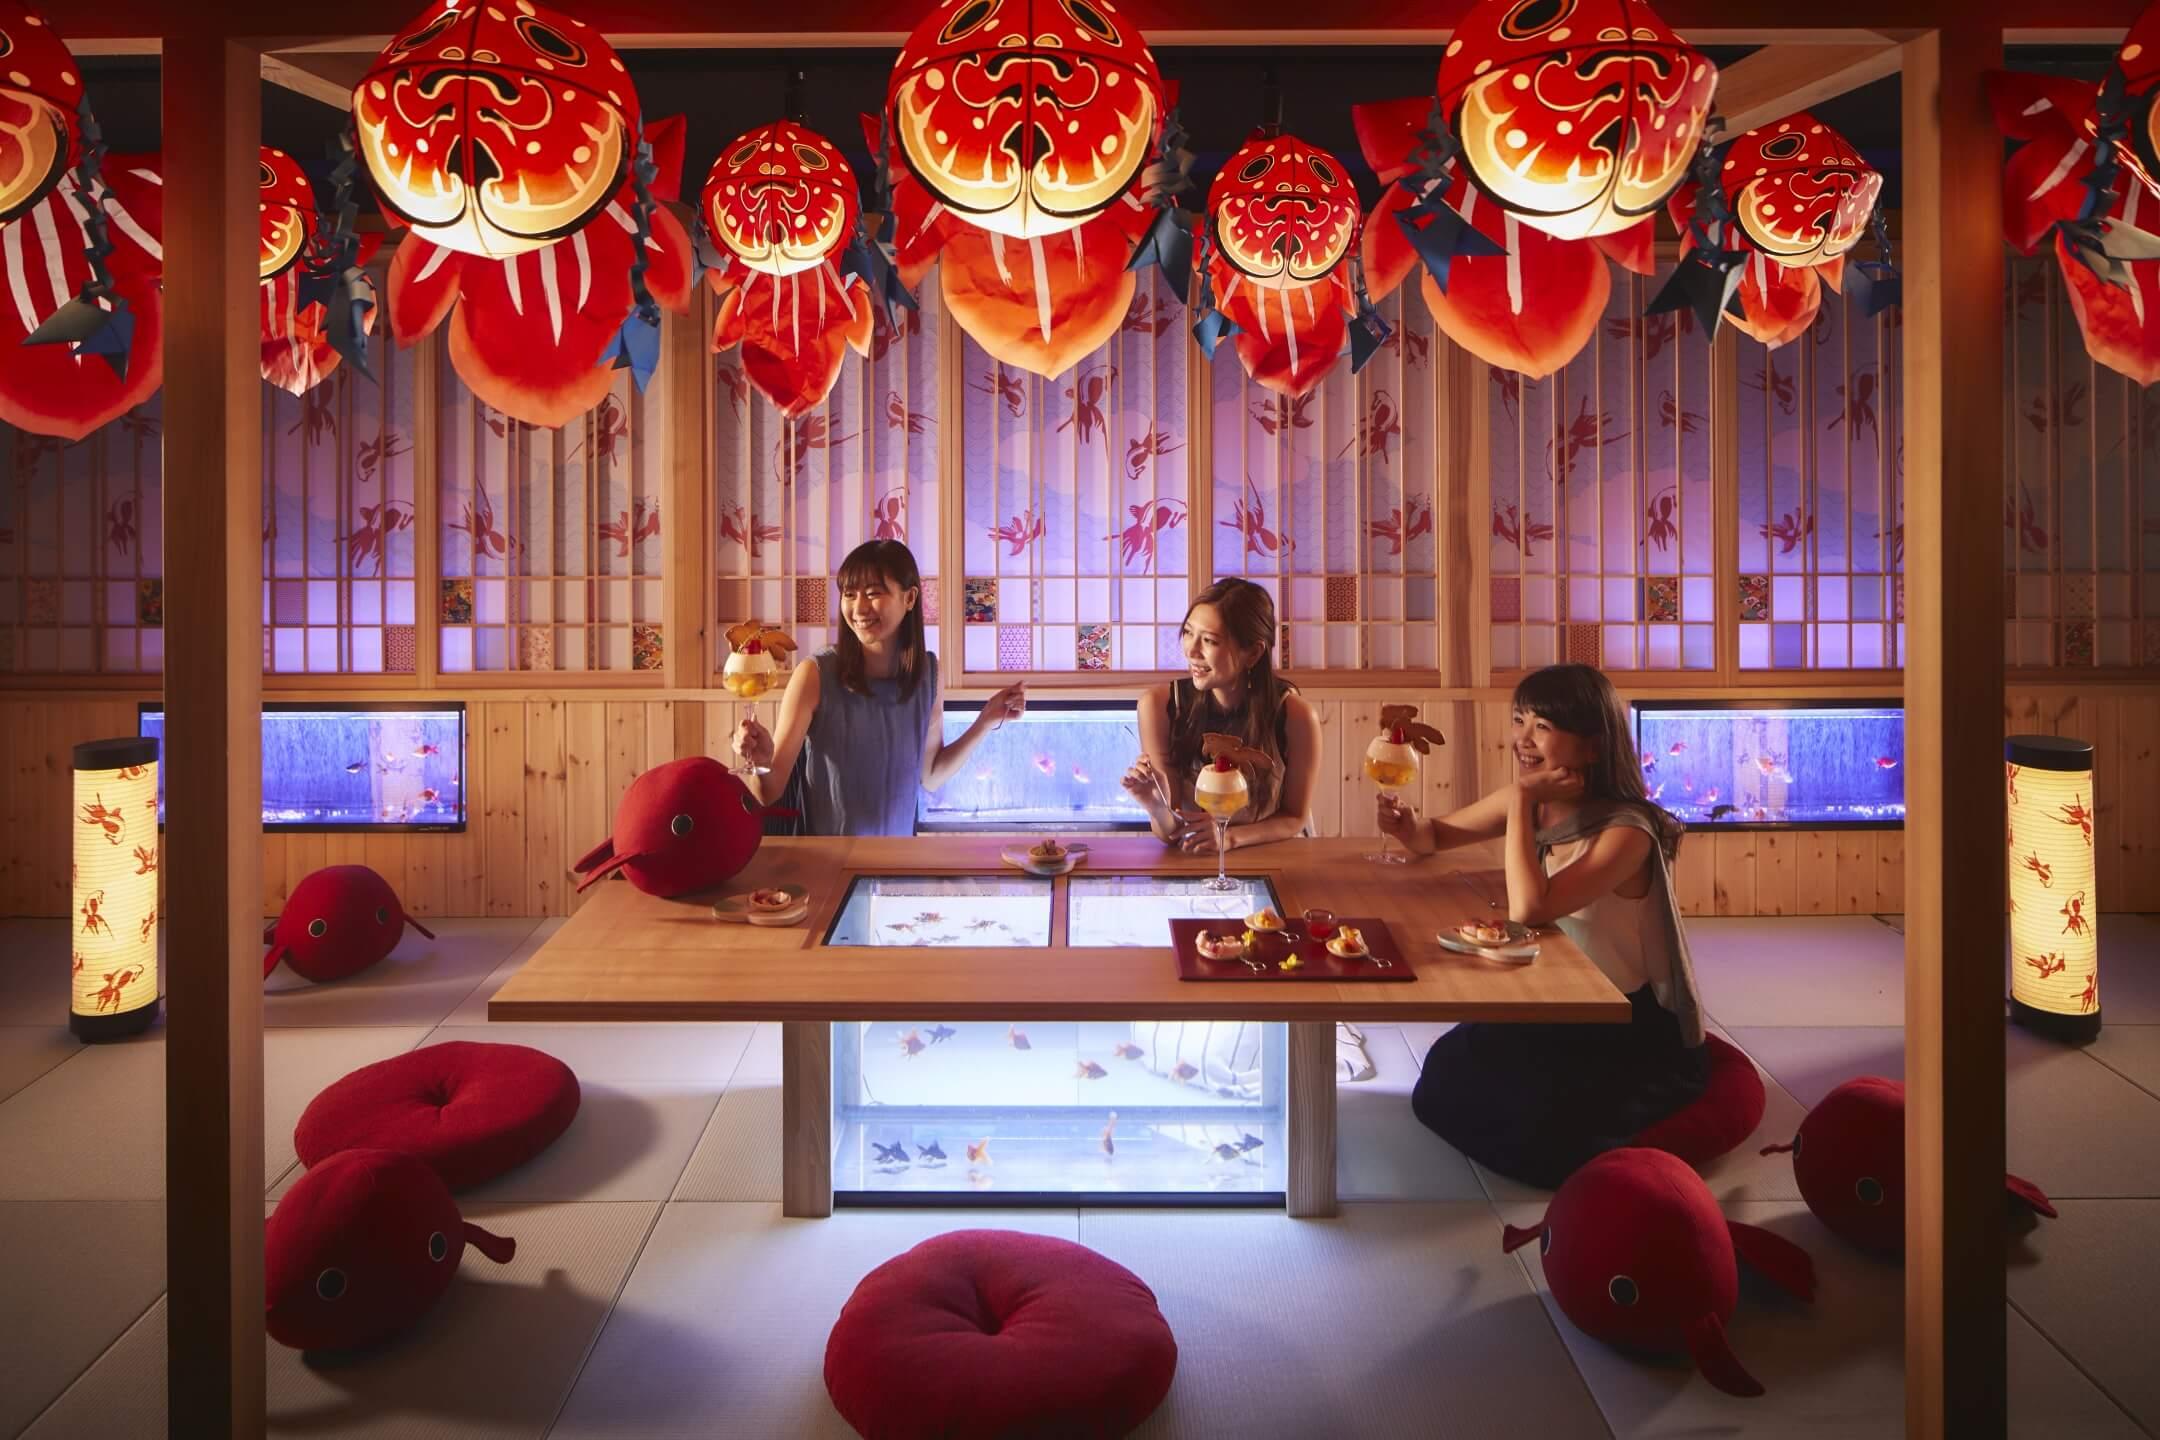 青森屋】金魚型の灯篭をテーマにした「金魚ねぷた処」登場 ~1日1組限定で女子会ができる貸切空間~|期間:2019年6月1日〜8月31日 |  ニュースリリース | お知らせ | 星野リゾート【公式】